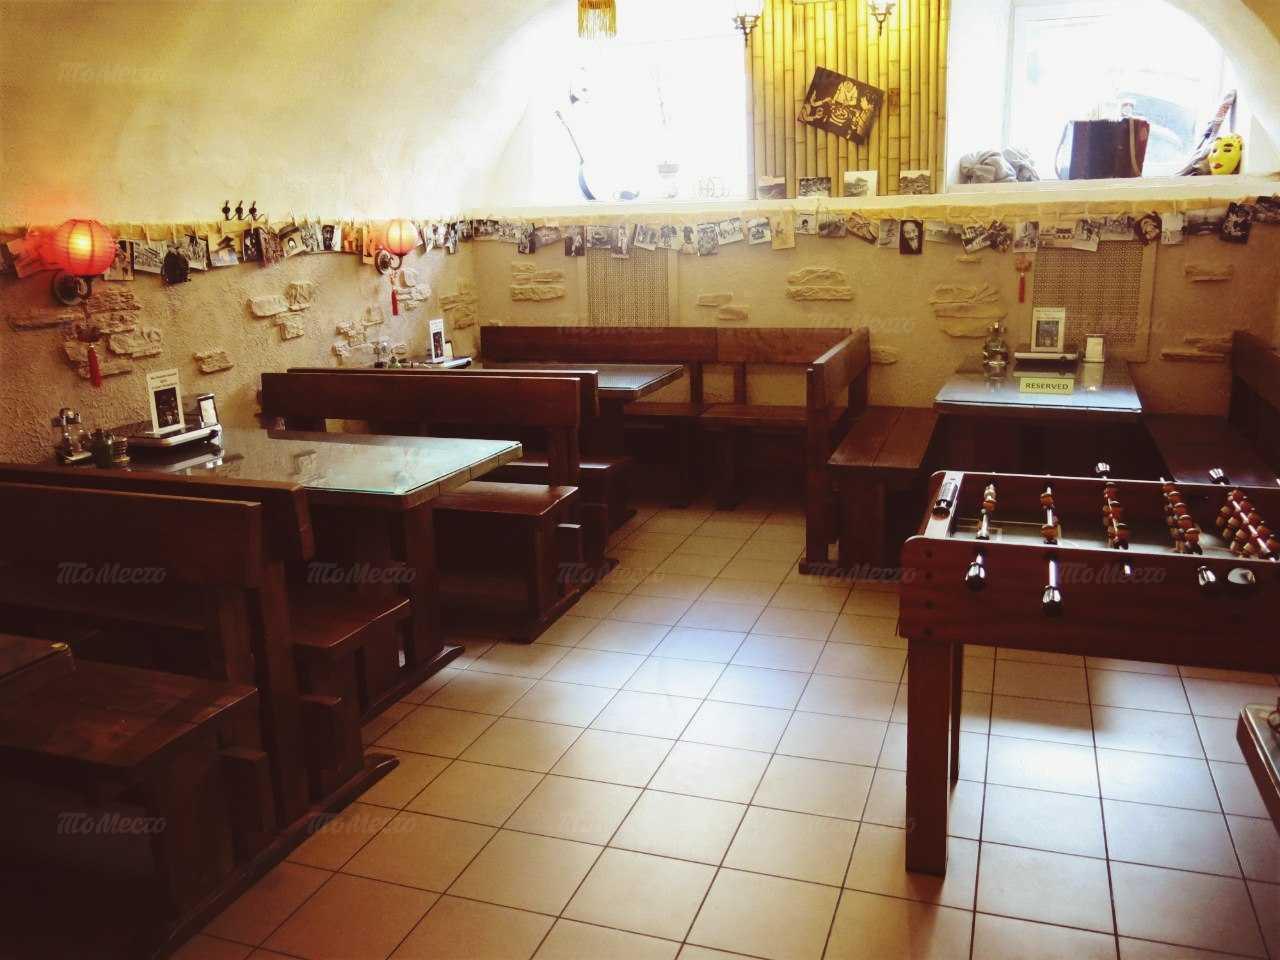 Меню кафе огоХого на 1-й линии Васильевского острова